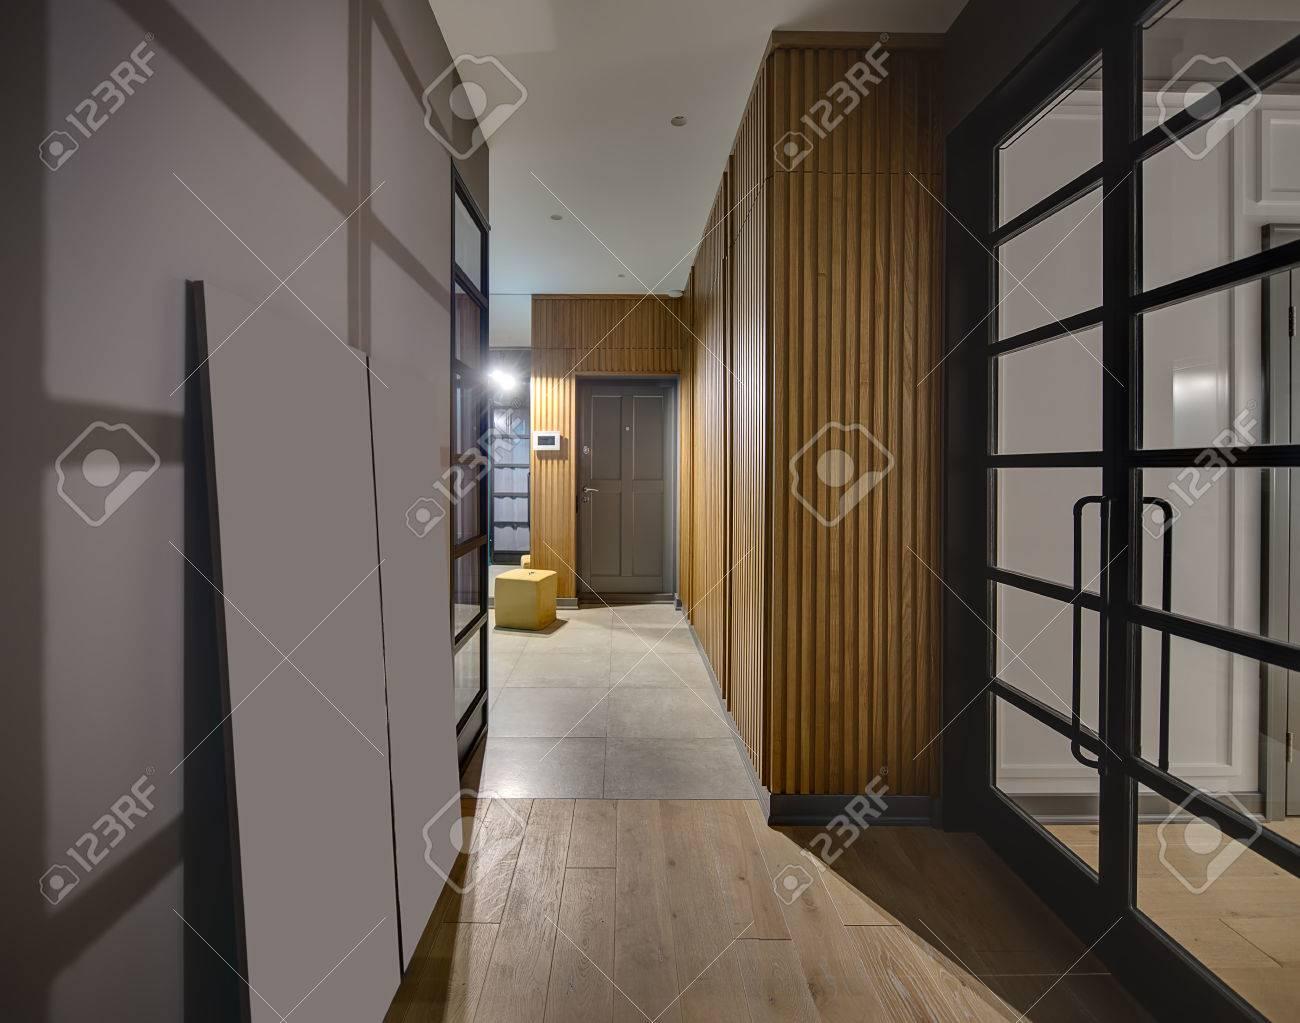 Flur In Einem Modernen Stil Mit Leuchtenden Lampen Und Grauen Wanden